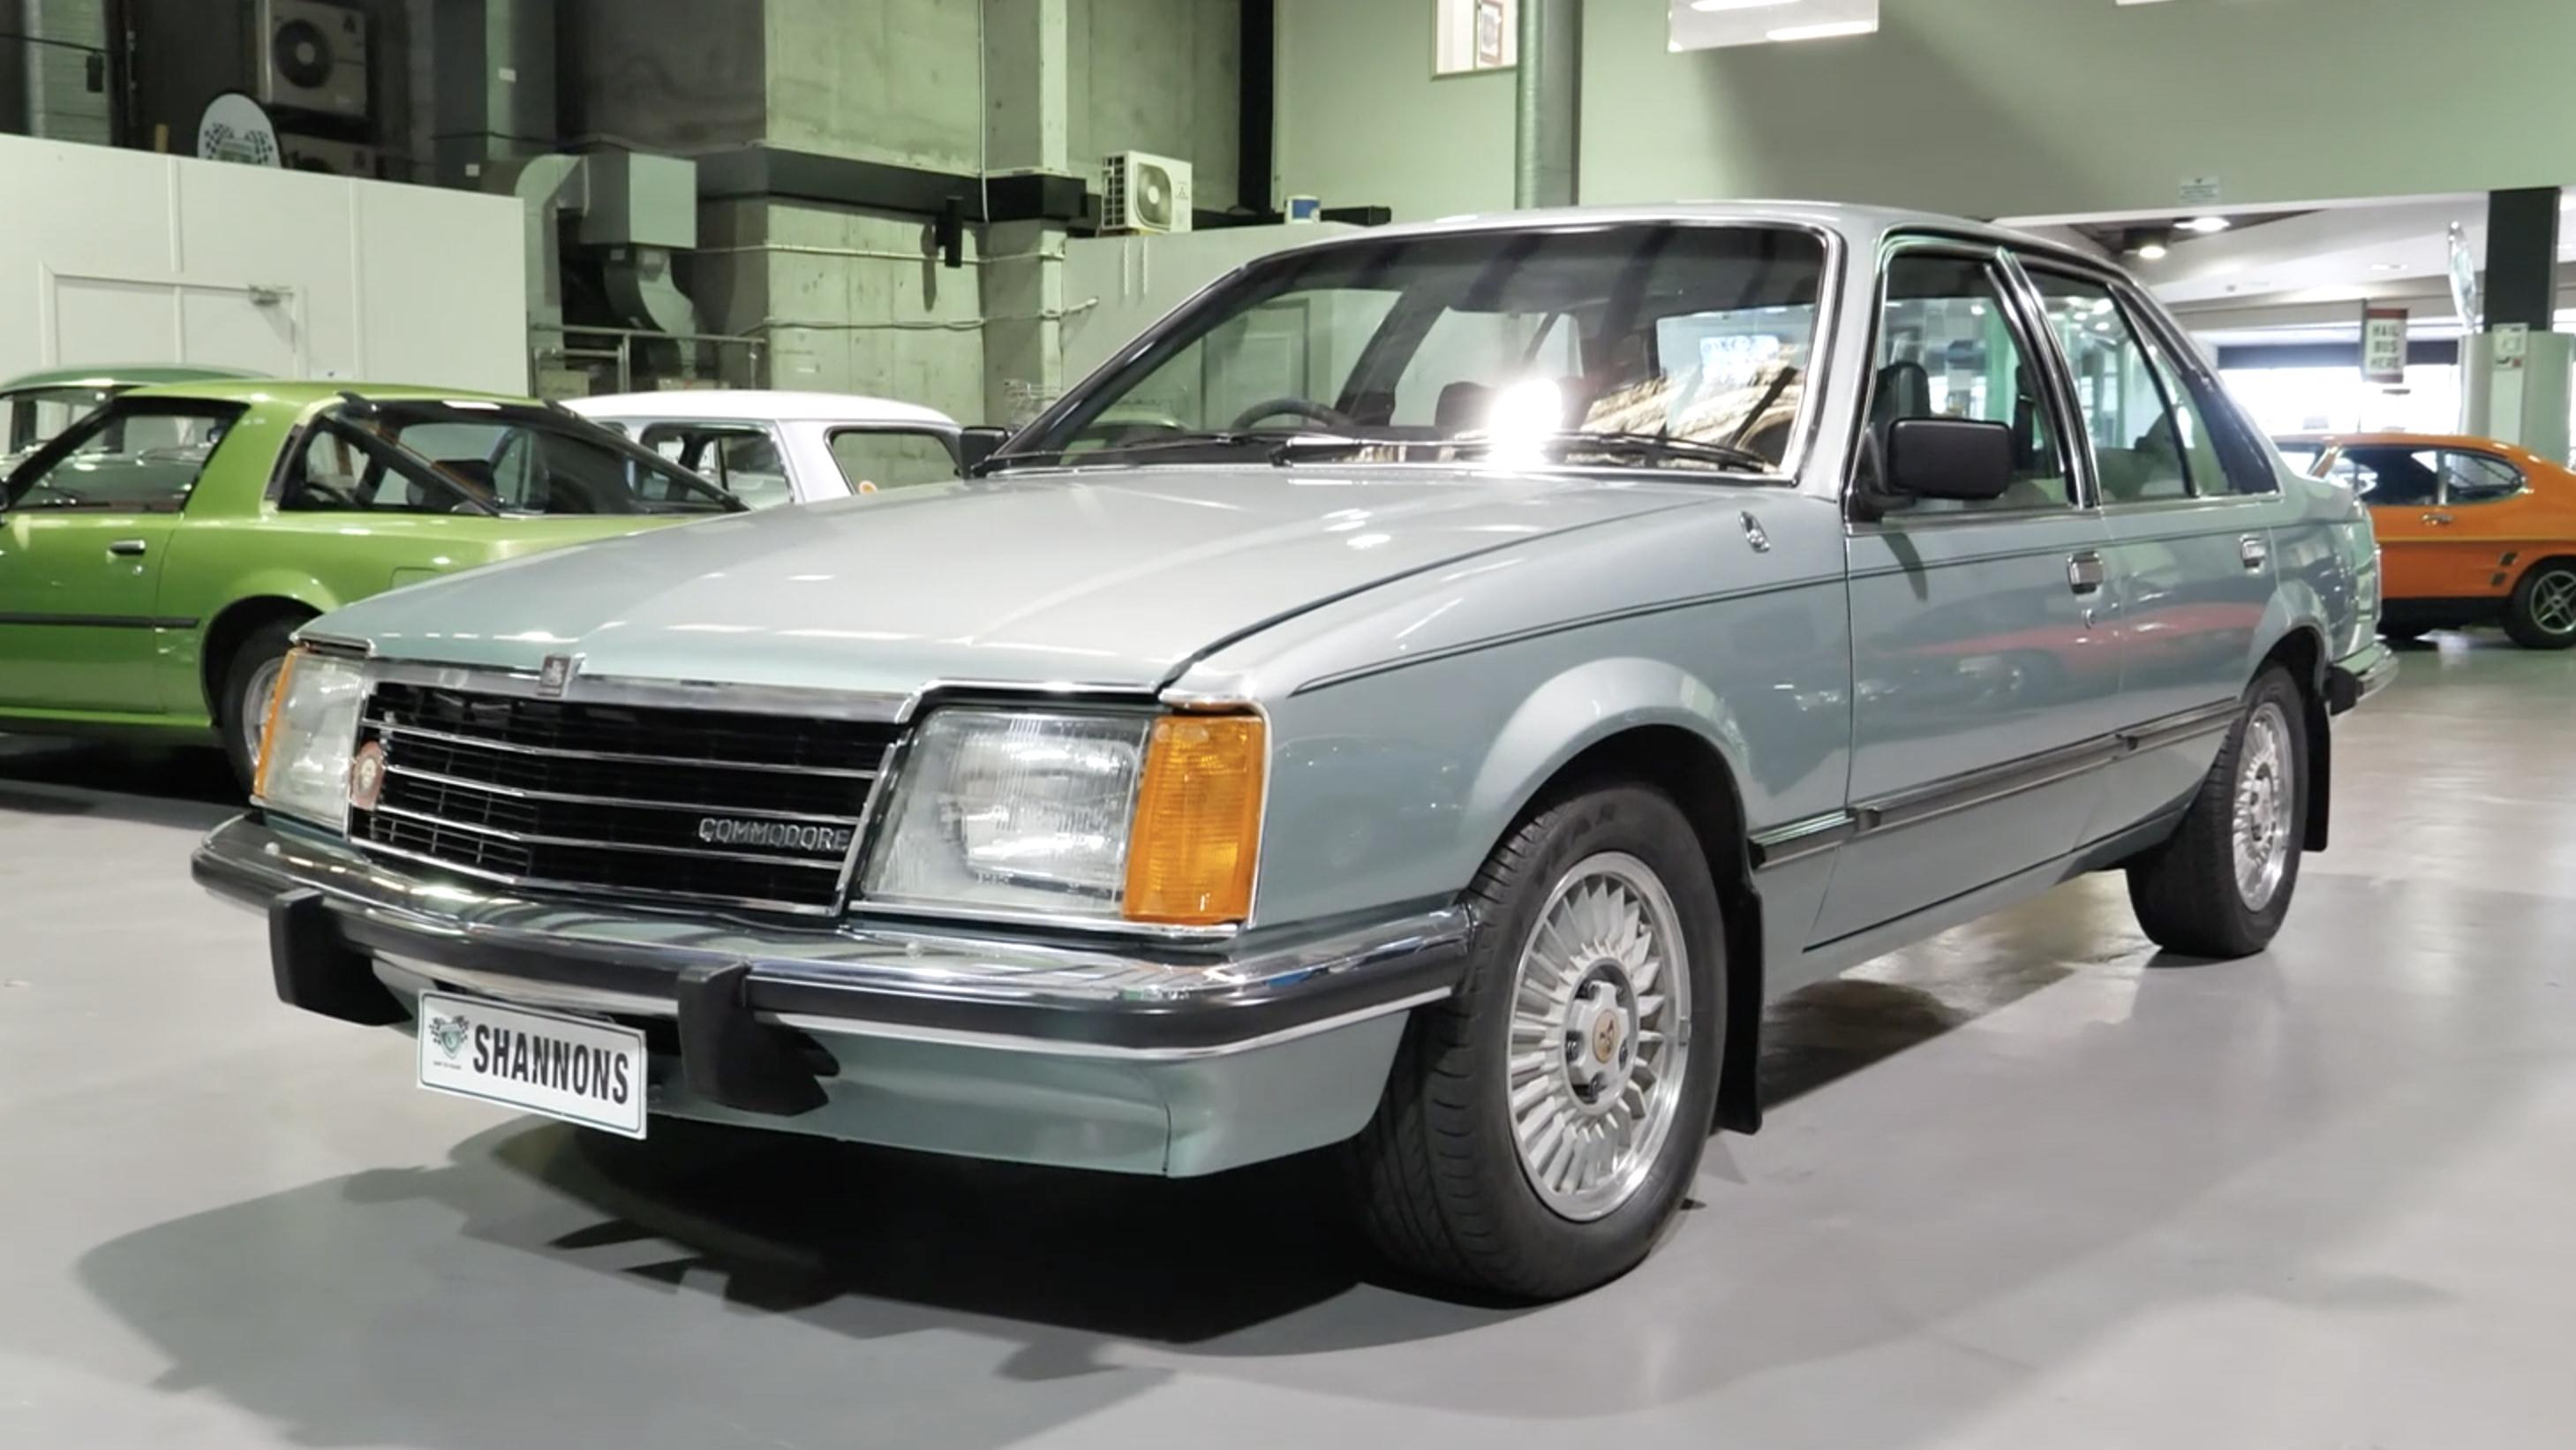 1979 Holden VB Commodore SL/E 4.2 Sedan - 2020 Shannons Spring Timed Online Auction